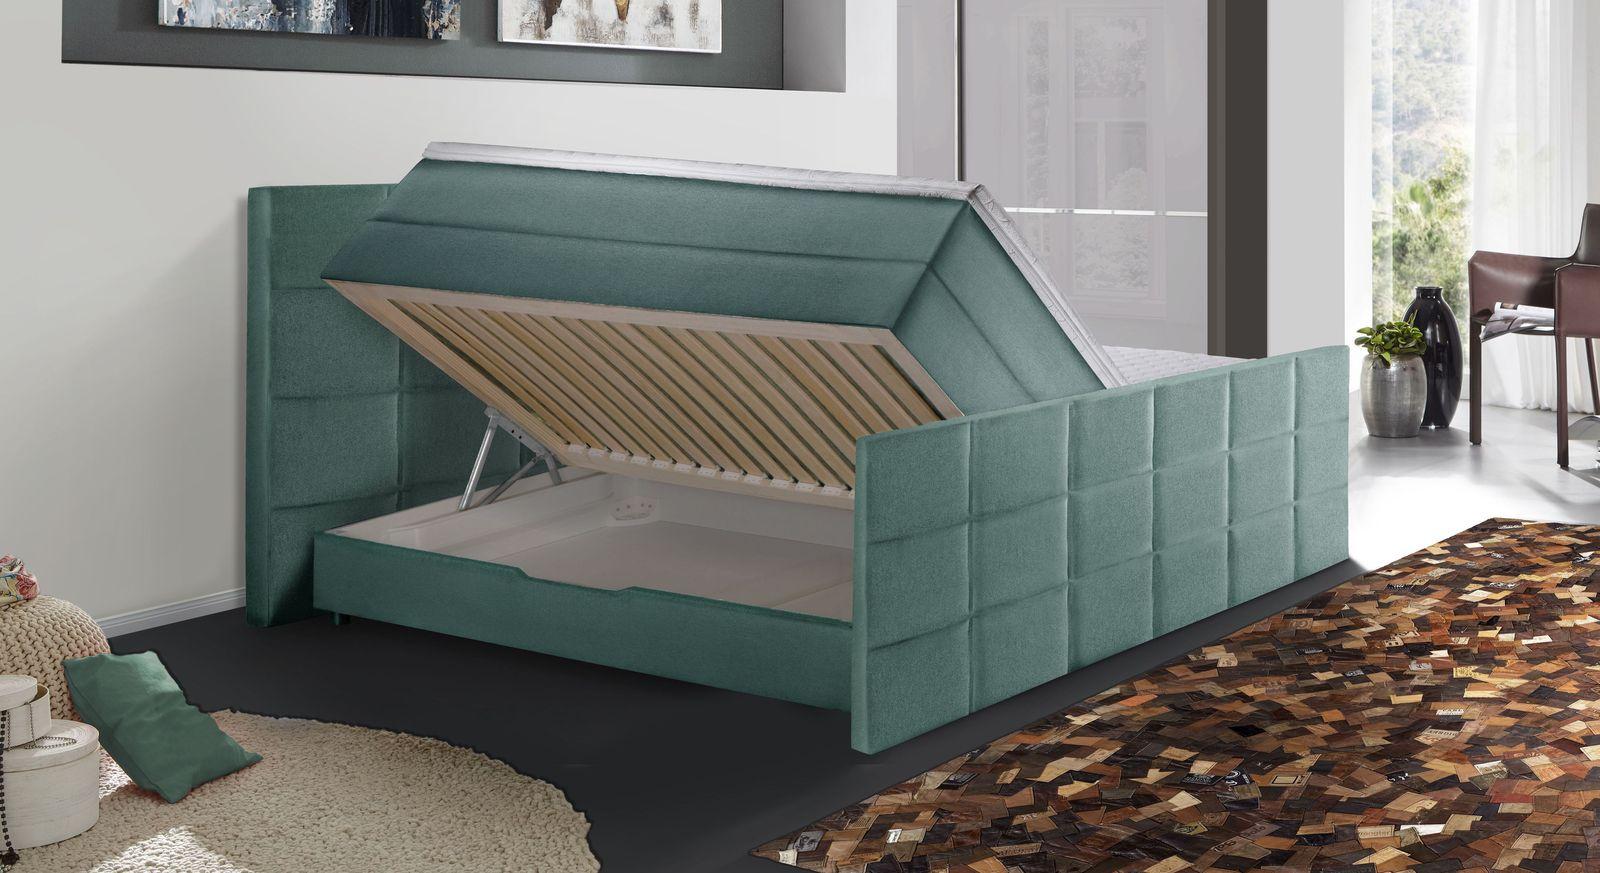 Praktisches Boxspringbett Cordilla mit aufklappbarem Bettkasten